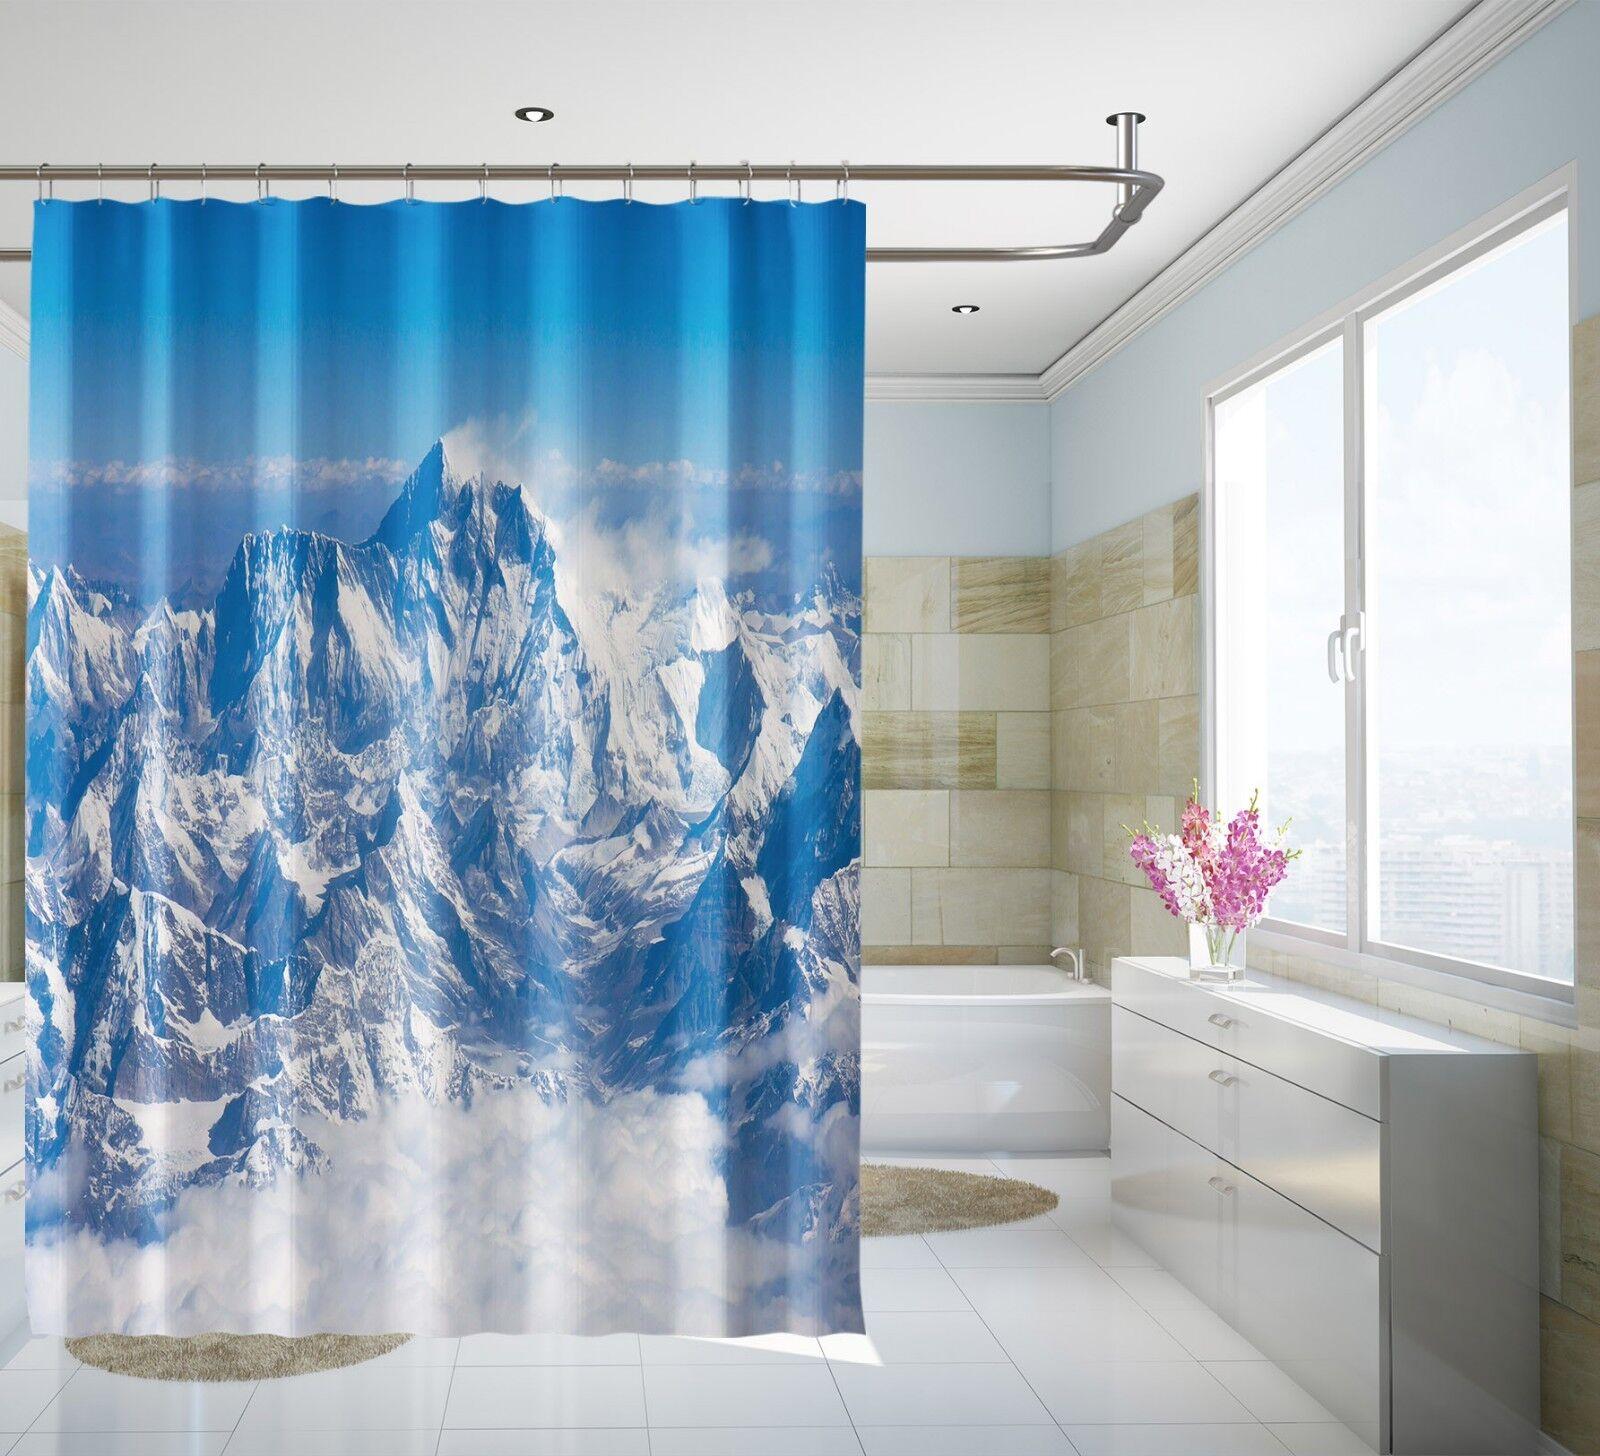 3D Schneeberg 535 Duschvorhang Wasserdicht Faser Bad Daheim Windows Toilette DE | Günstige Bestellung